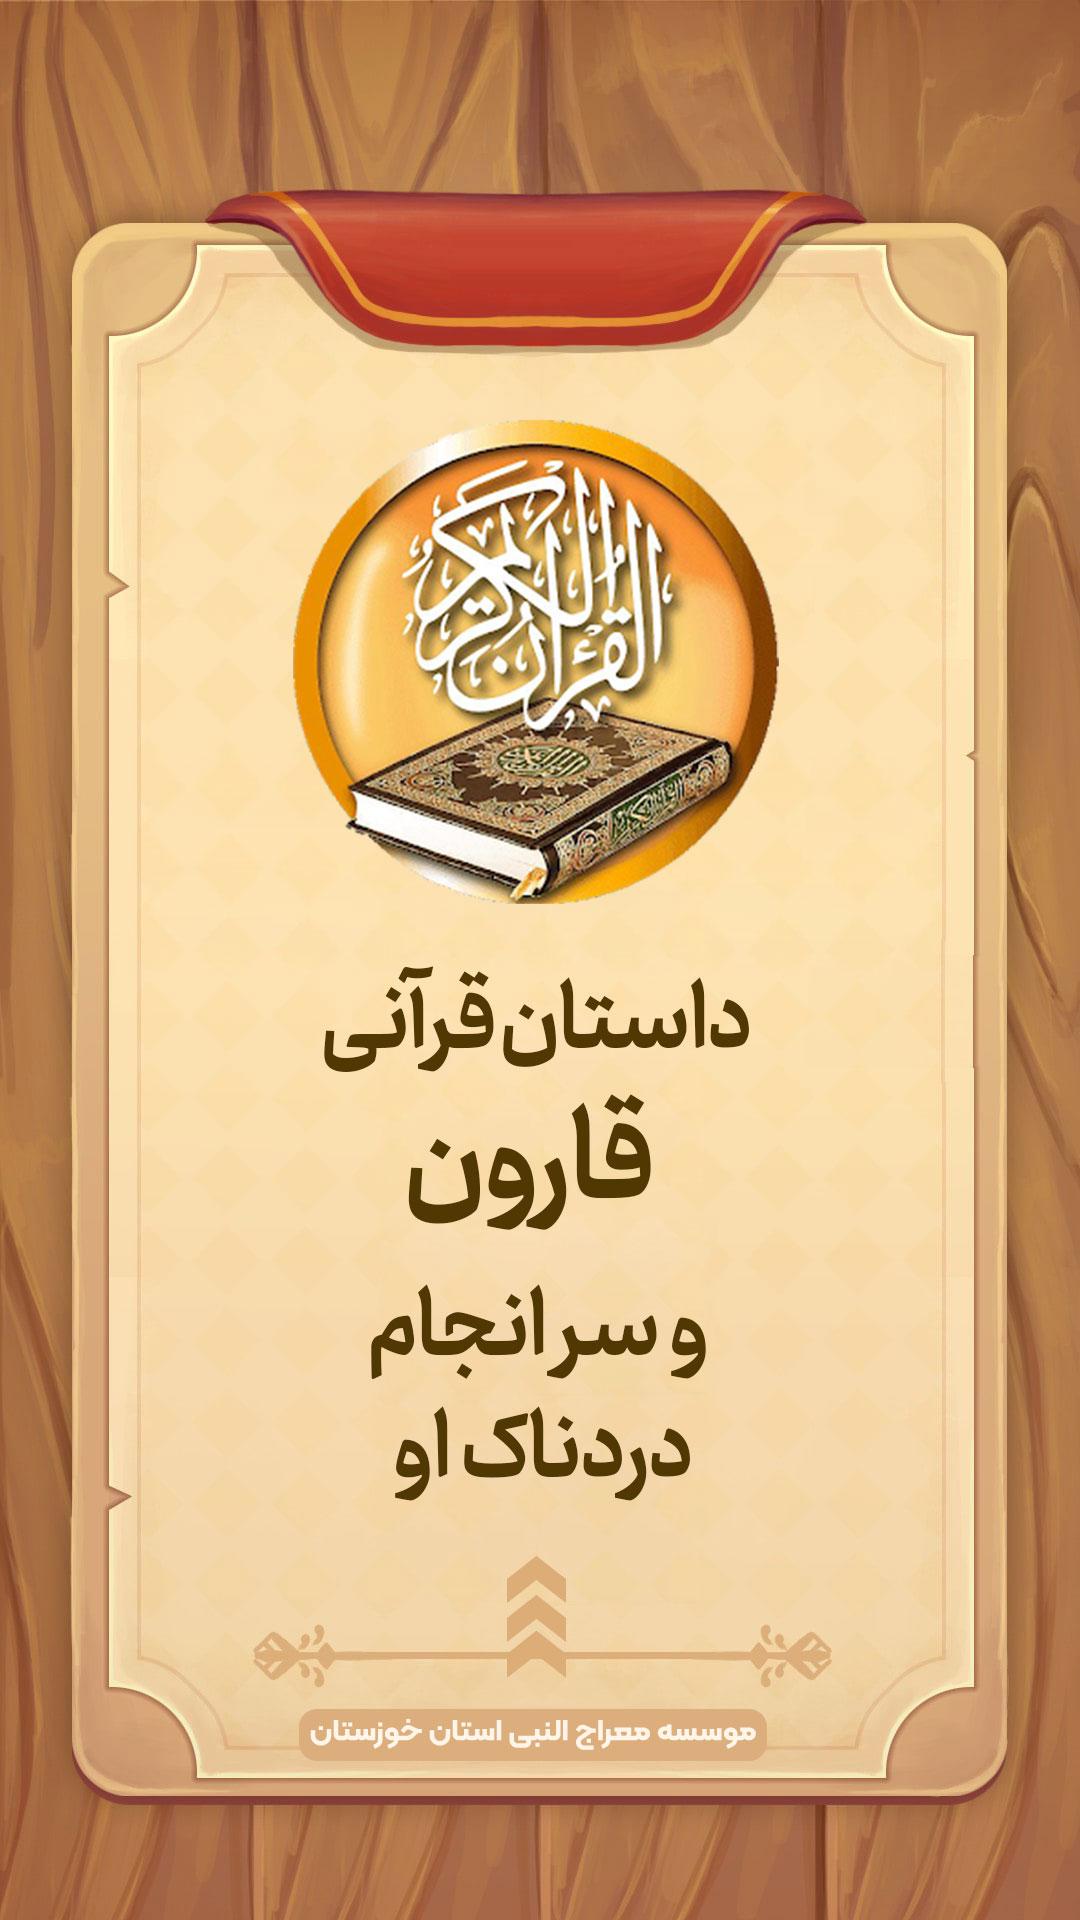 داستان قرآنی قارون و سر انجام دردناک او